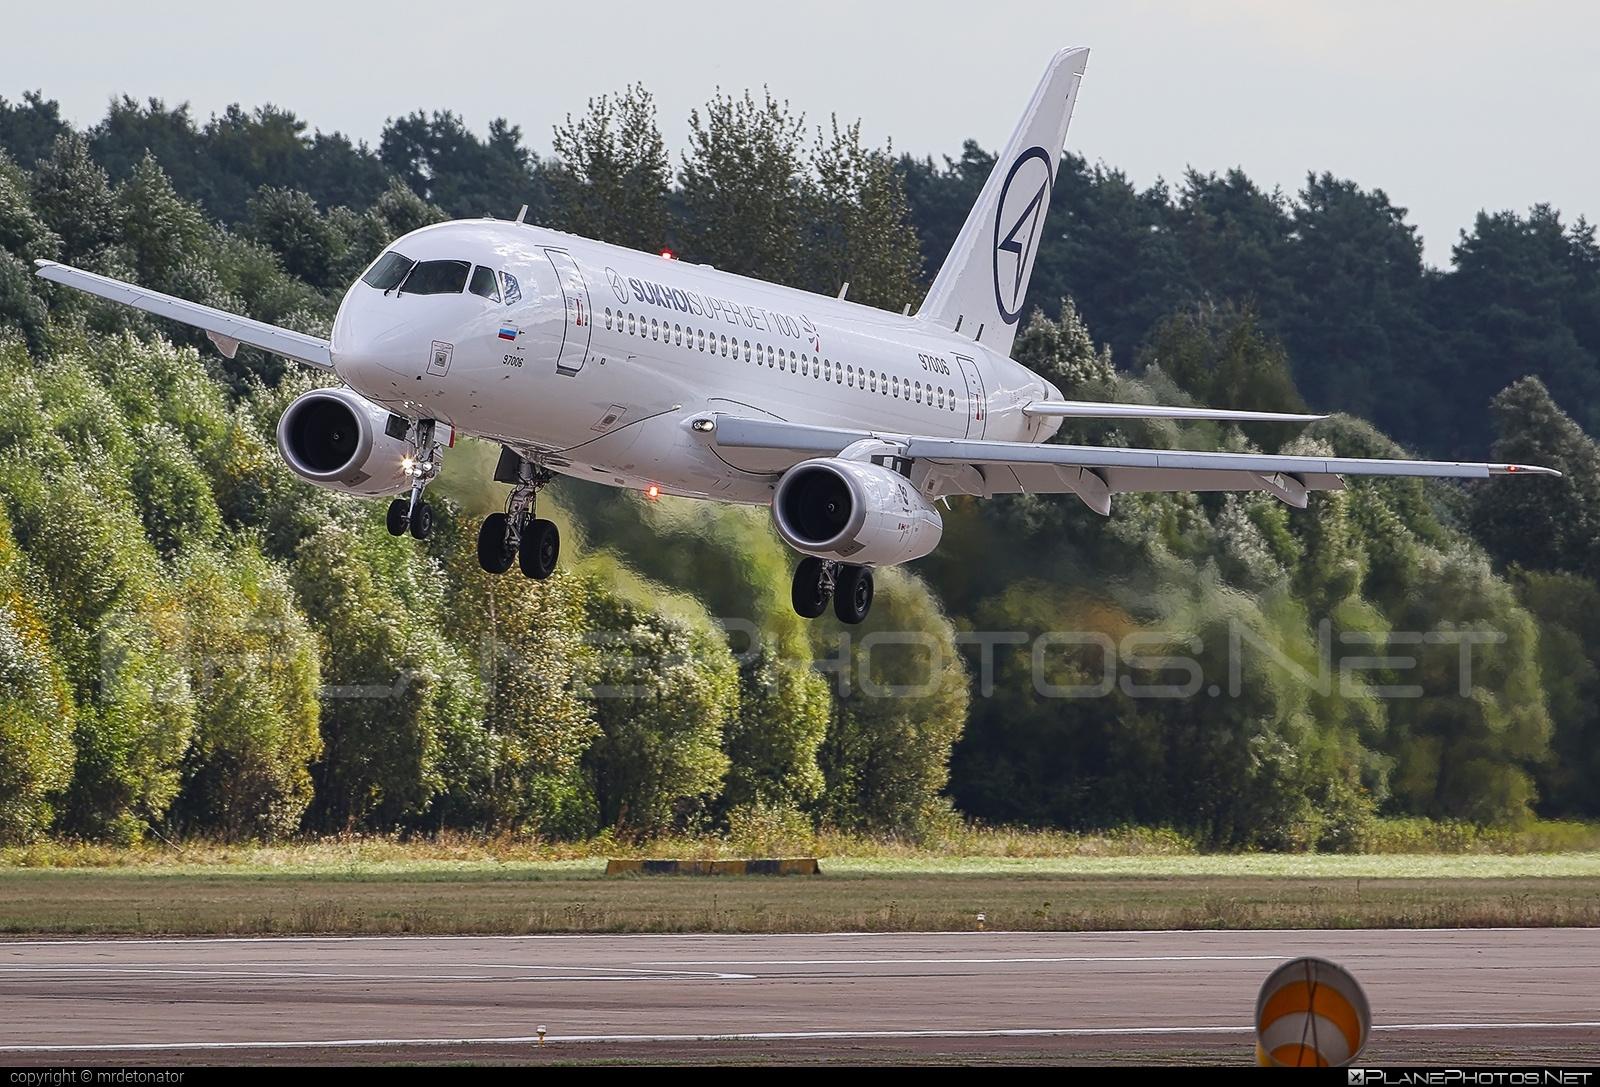 Sukhoi SSJ 100-95LR Superjet - 97006 operated by Sukhoi Design Bureau #maks2015 #ssj100 #ssj10095lr #sukhoi #sukhoisuperjet #superjet